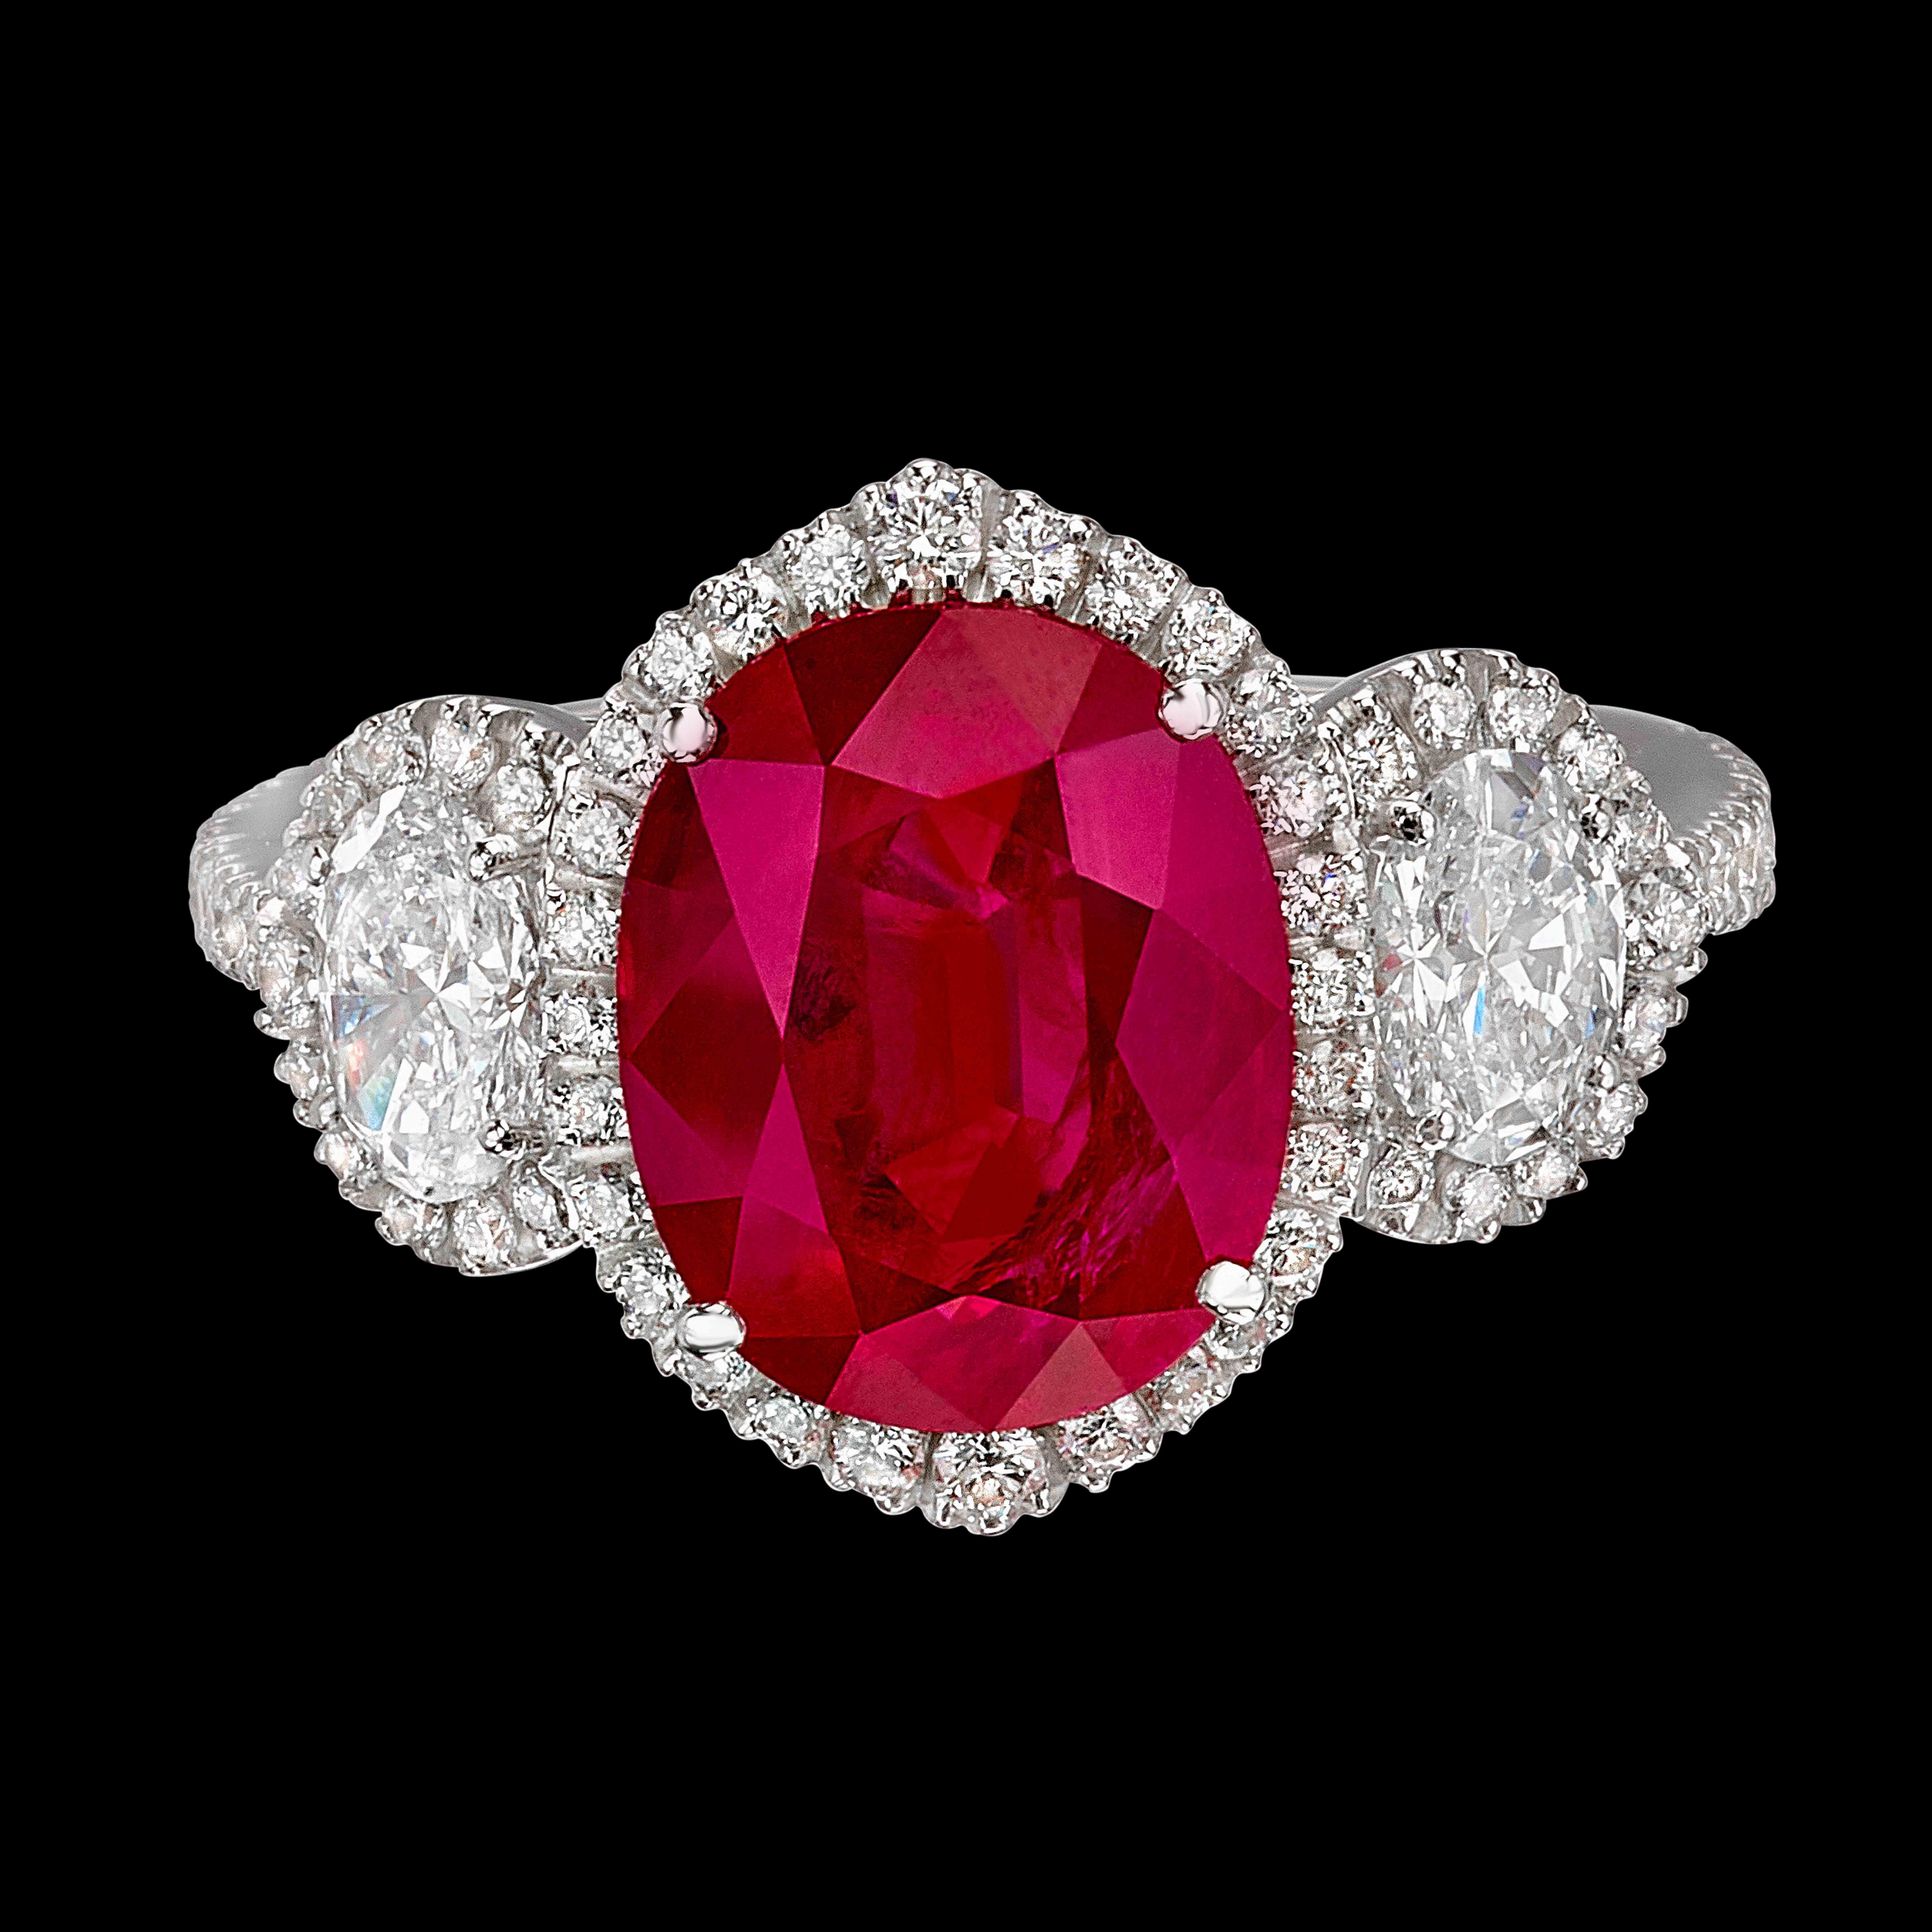 Massimo Raiteri Exclusive Jewelry classic design timeless classici senza tempo rubino rubini ruby sapphire zaffiri emerald ring anelli anello diamanti mezzalune moon